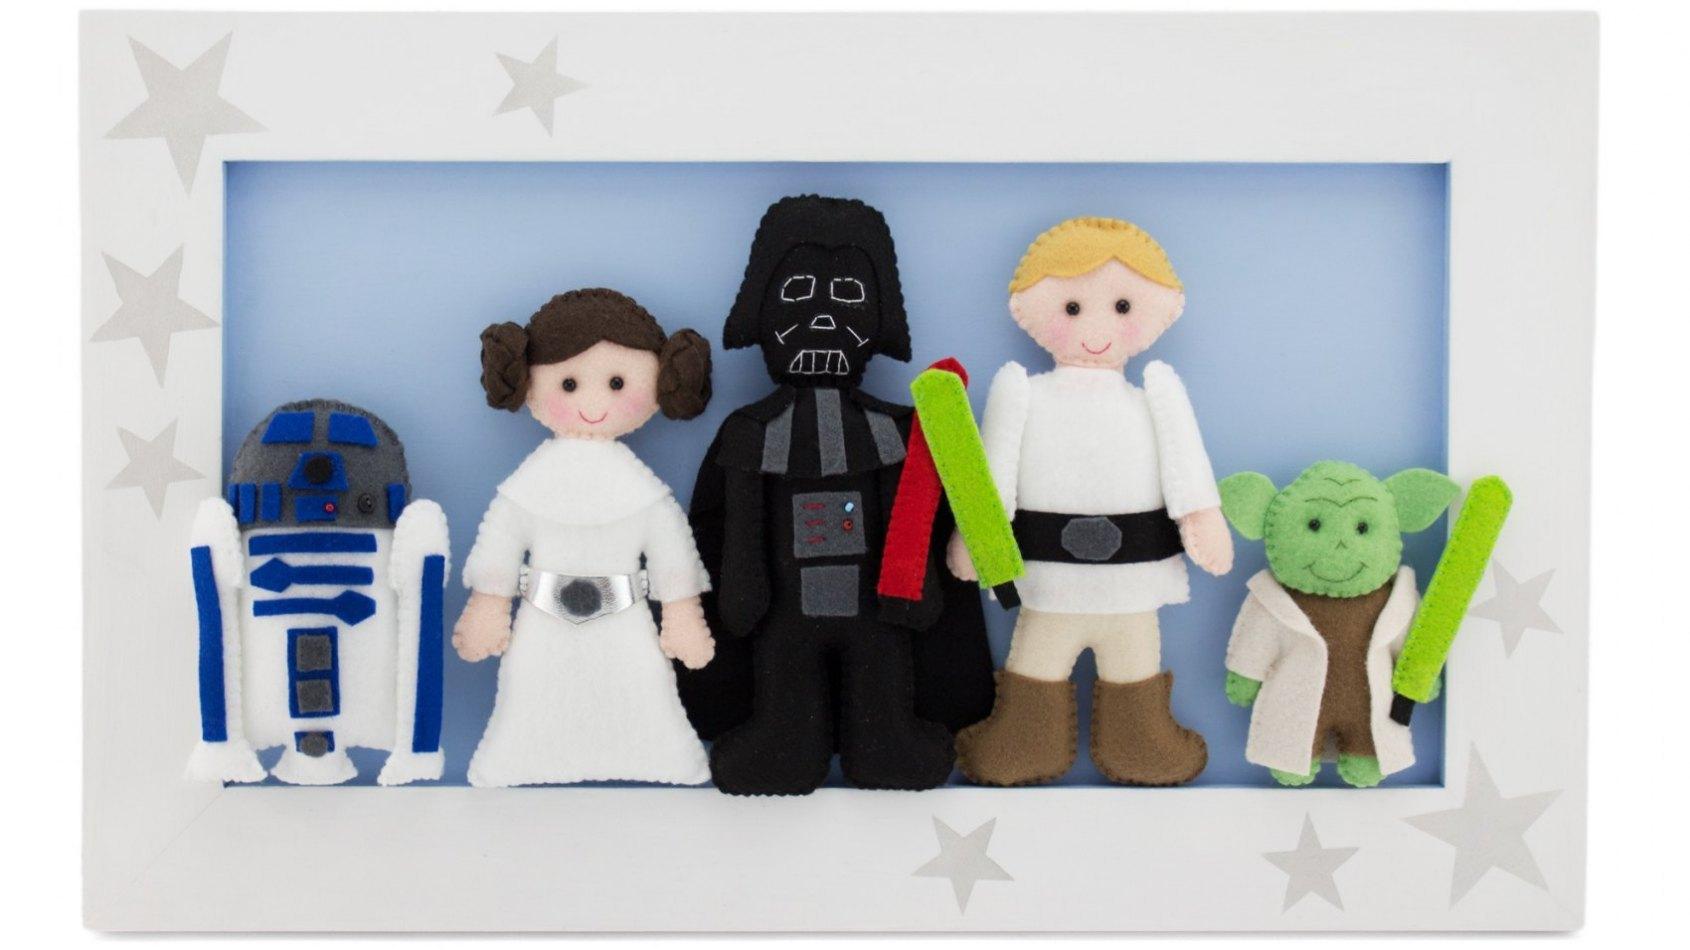 Quand Star Wars inspire les jeunes parents Américains